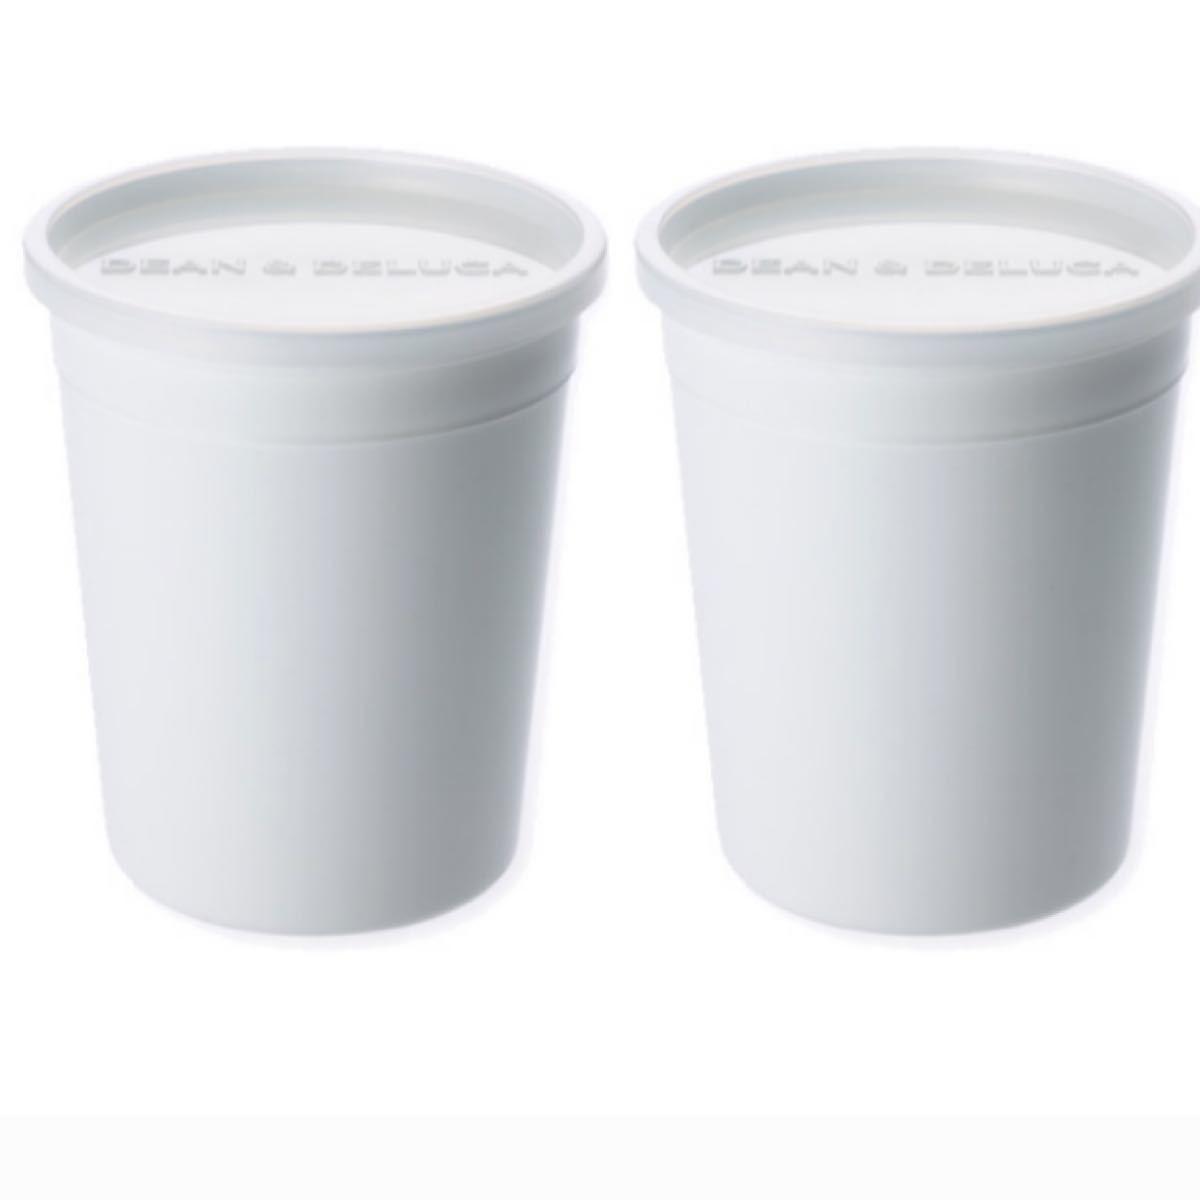 DEAN&DELUCA フードコンテナ Lサイズ 2点セット お弁当